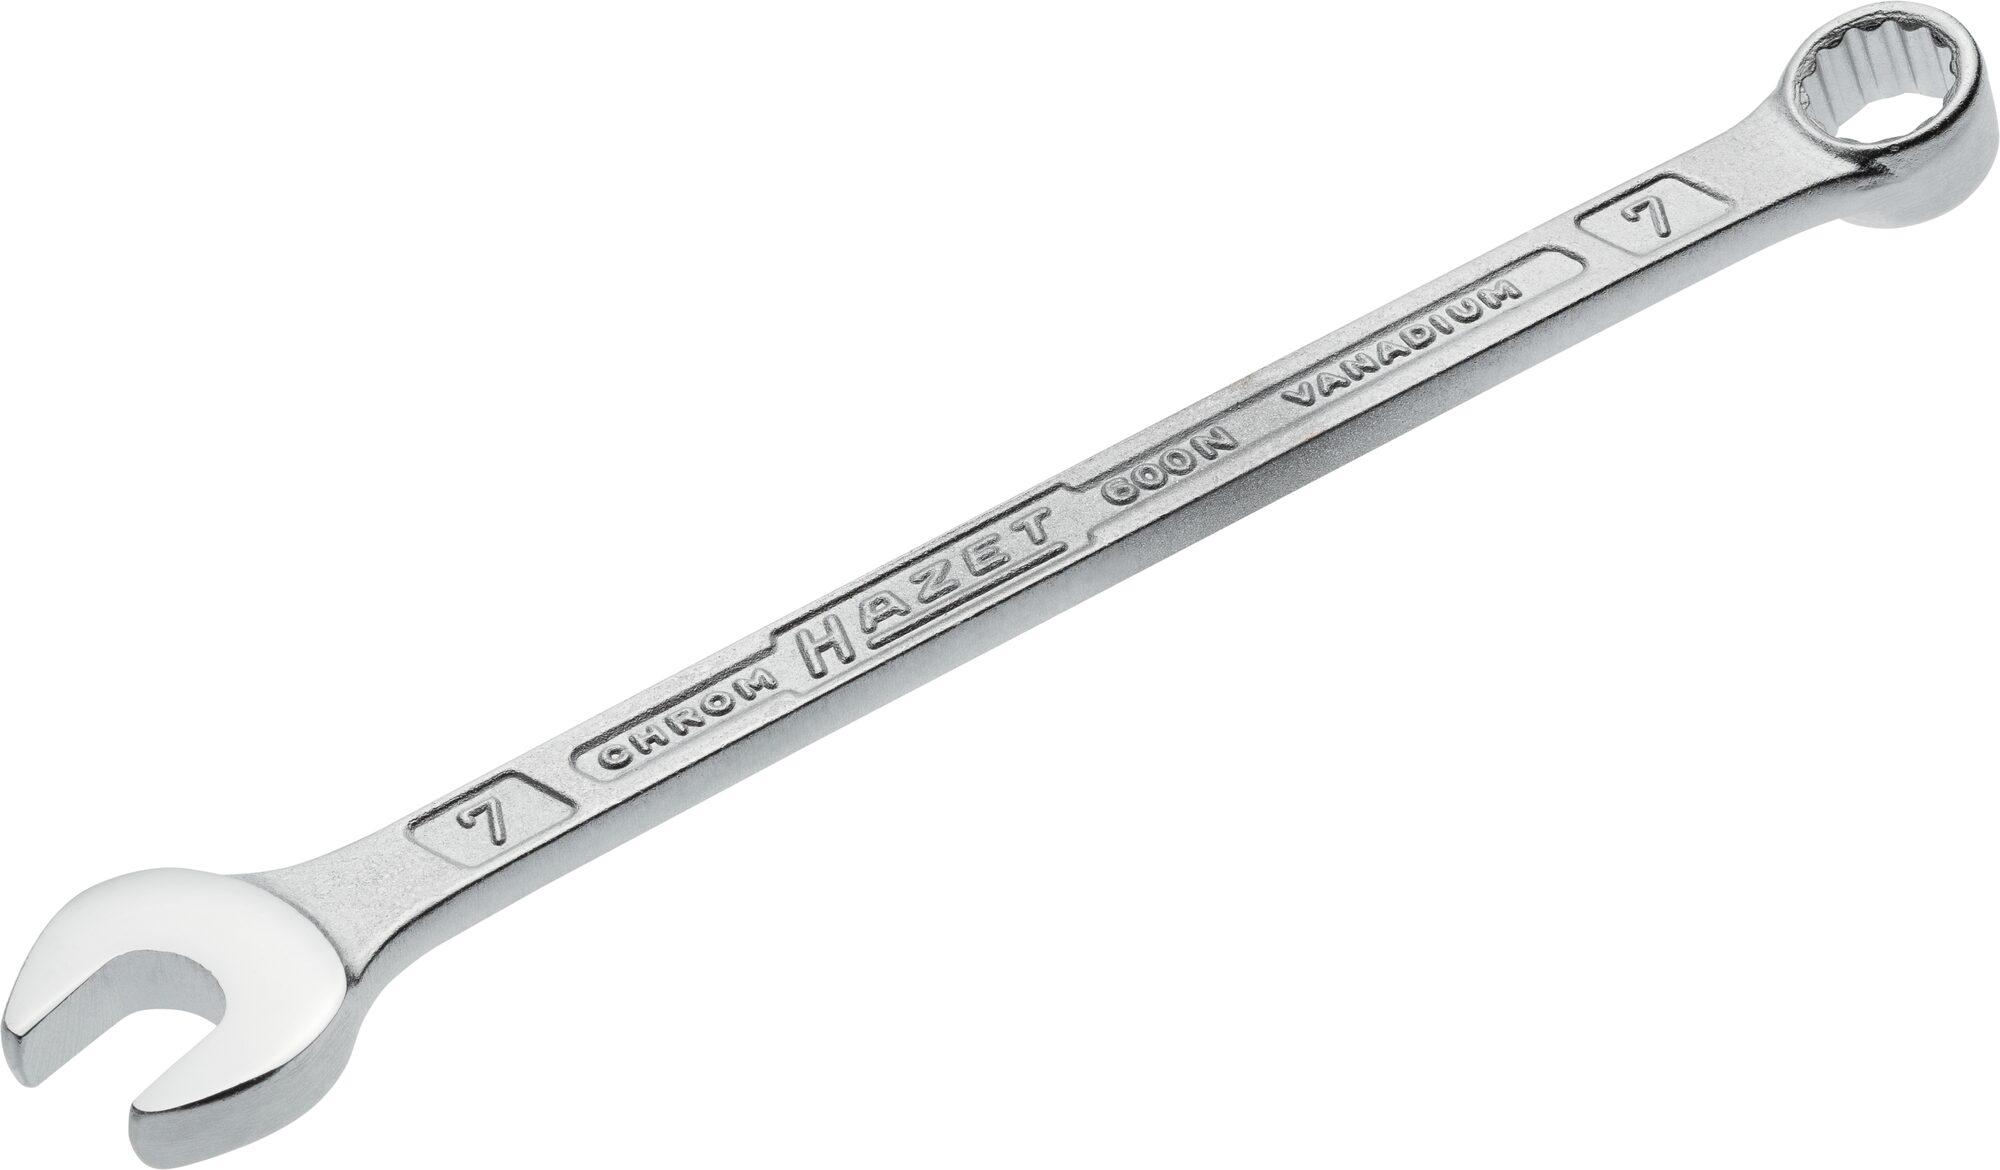 HAZET Ring-Maulschlüssel 600N-7 ∙ Außen-Doppel-Sechskant-Tractionsprofil ∙ 7 mm